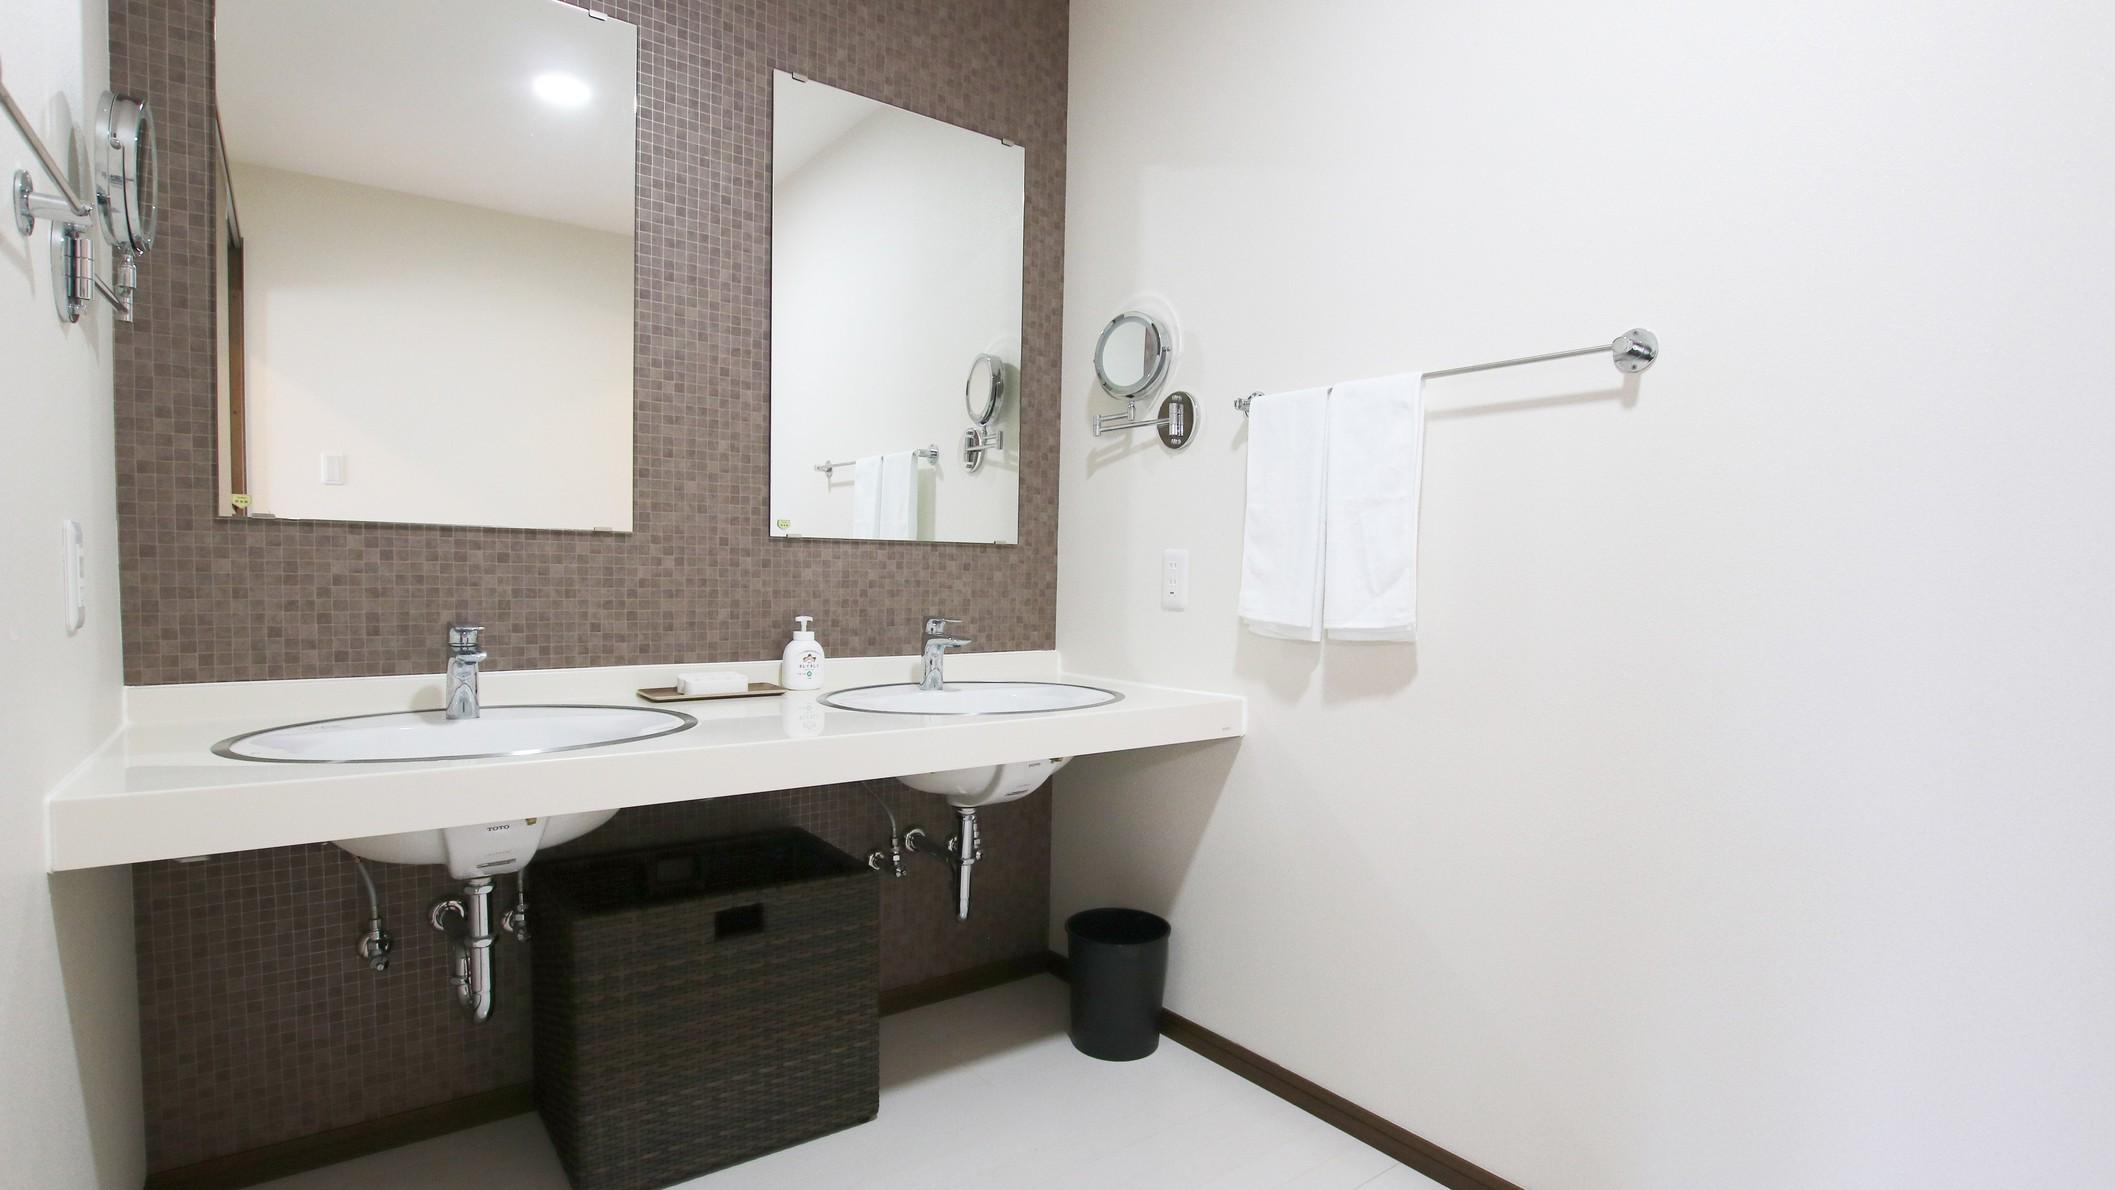 101:朝のお支度にも便利!洗面台は2面ございます。